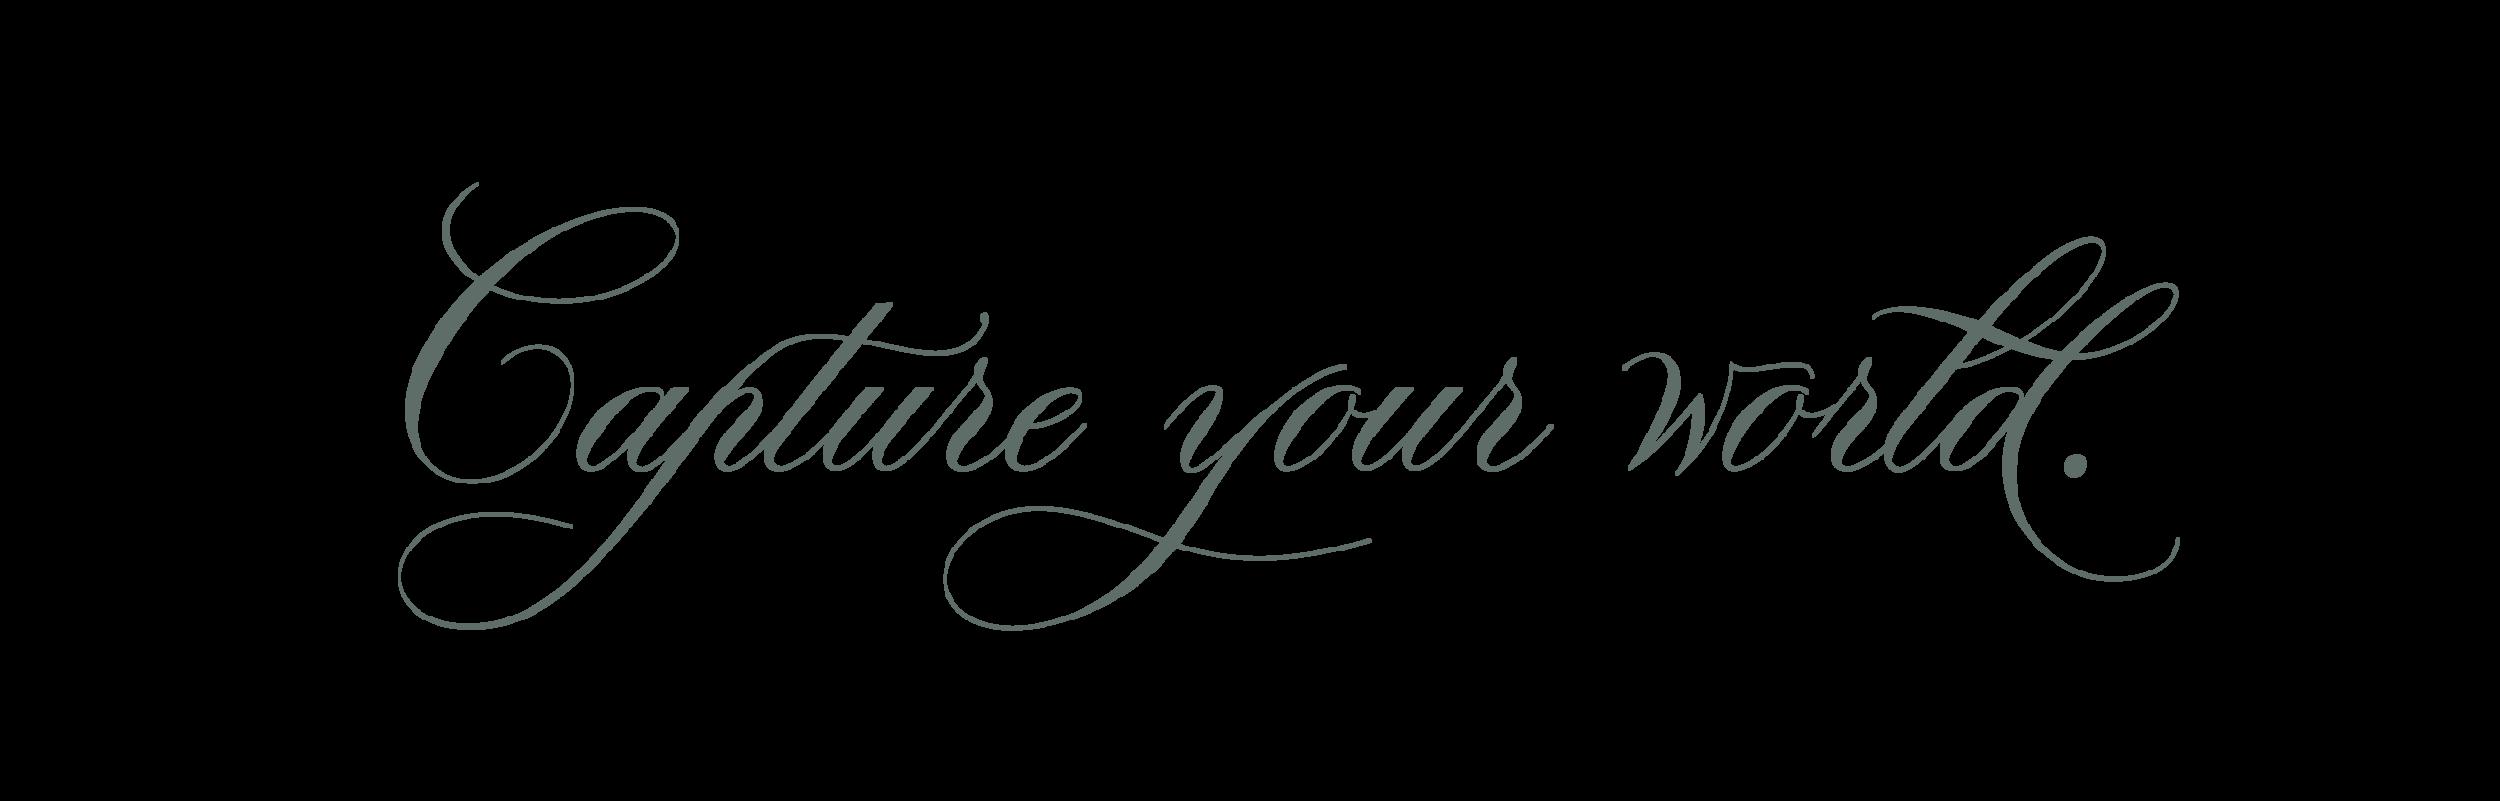 Kelly Mays Logo Files-06.png